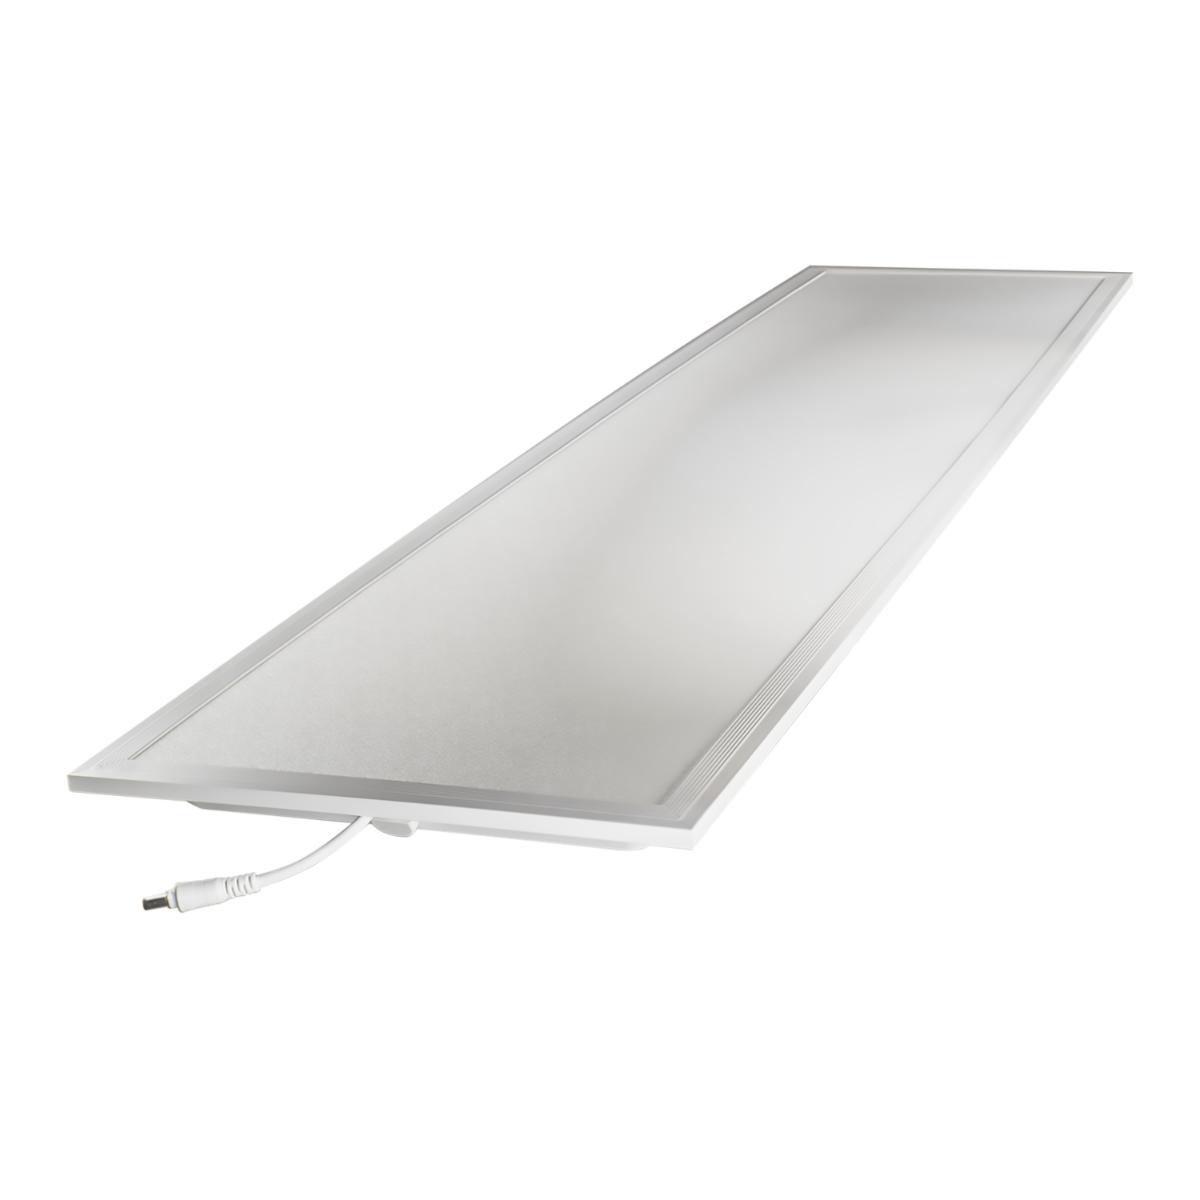 Noxion LED Panel Econox 32W 30x120cm 4000K 4400lm UGR <22 | Ersatz für 2x36W